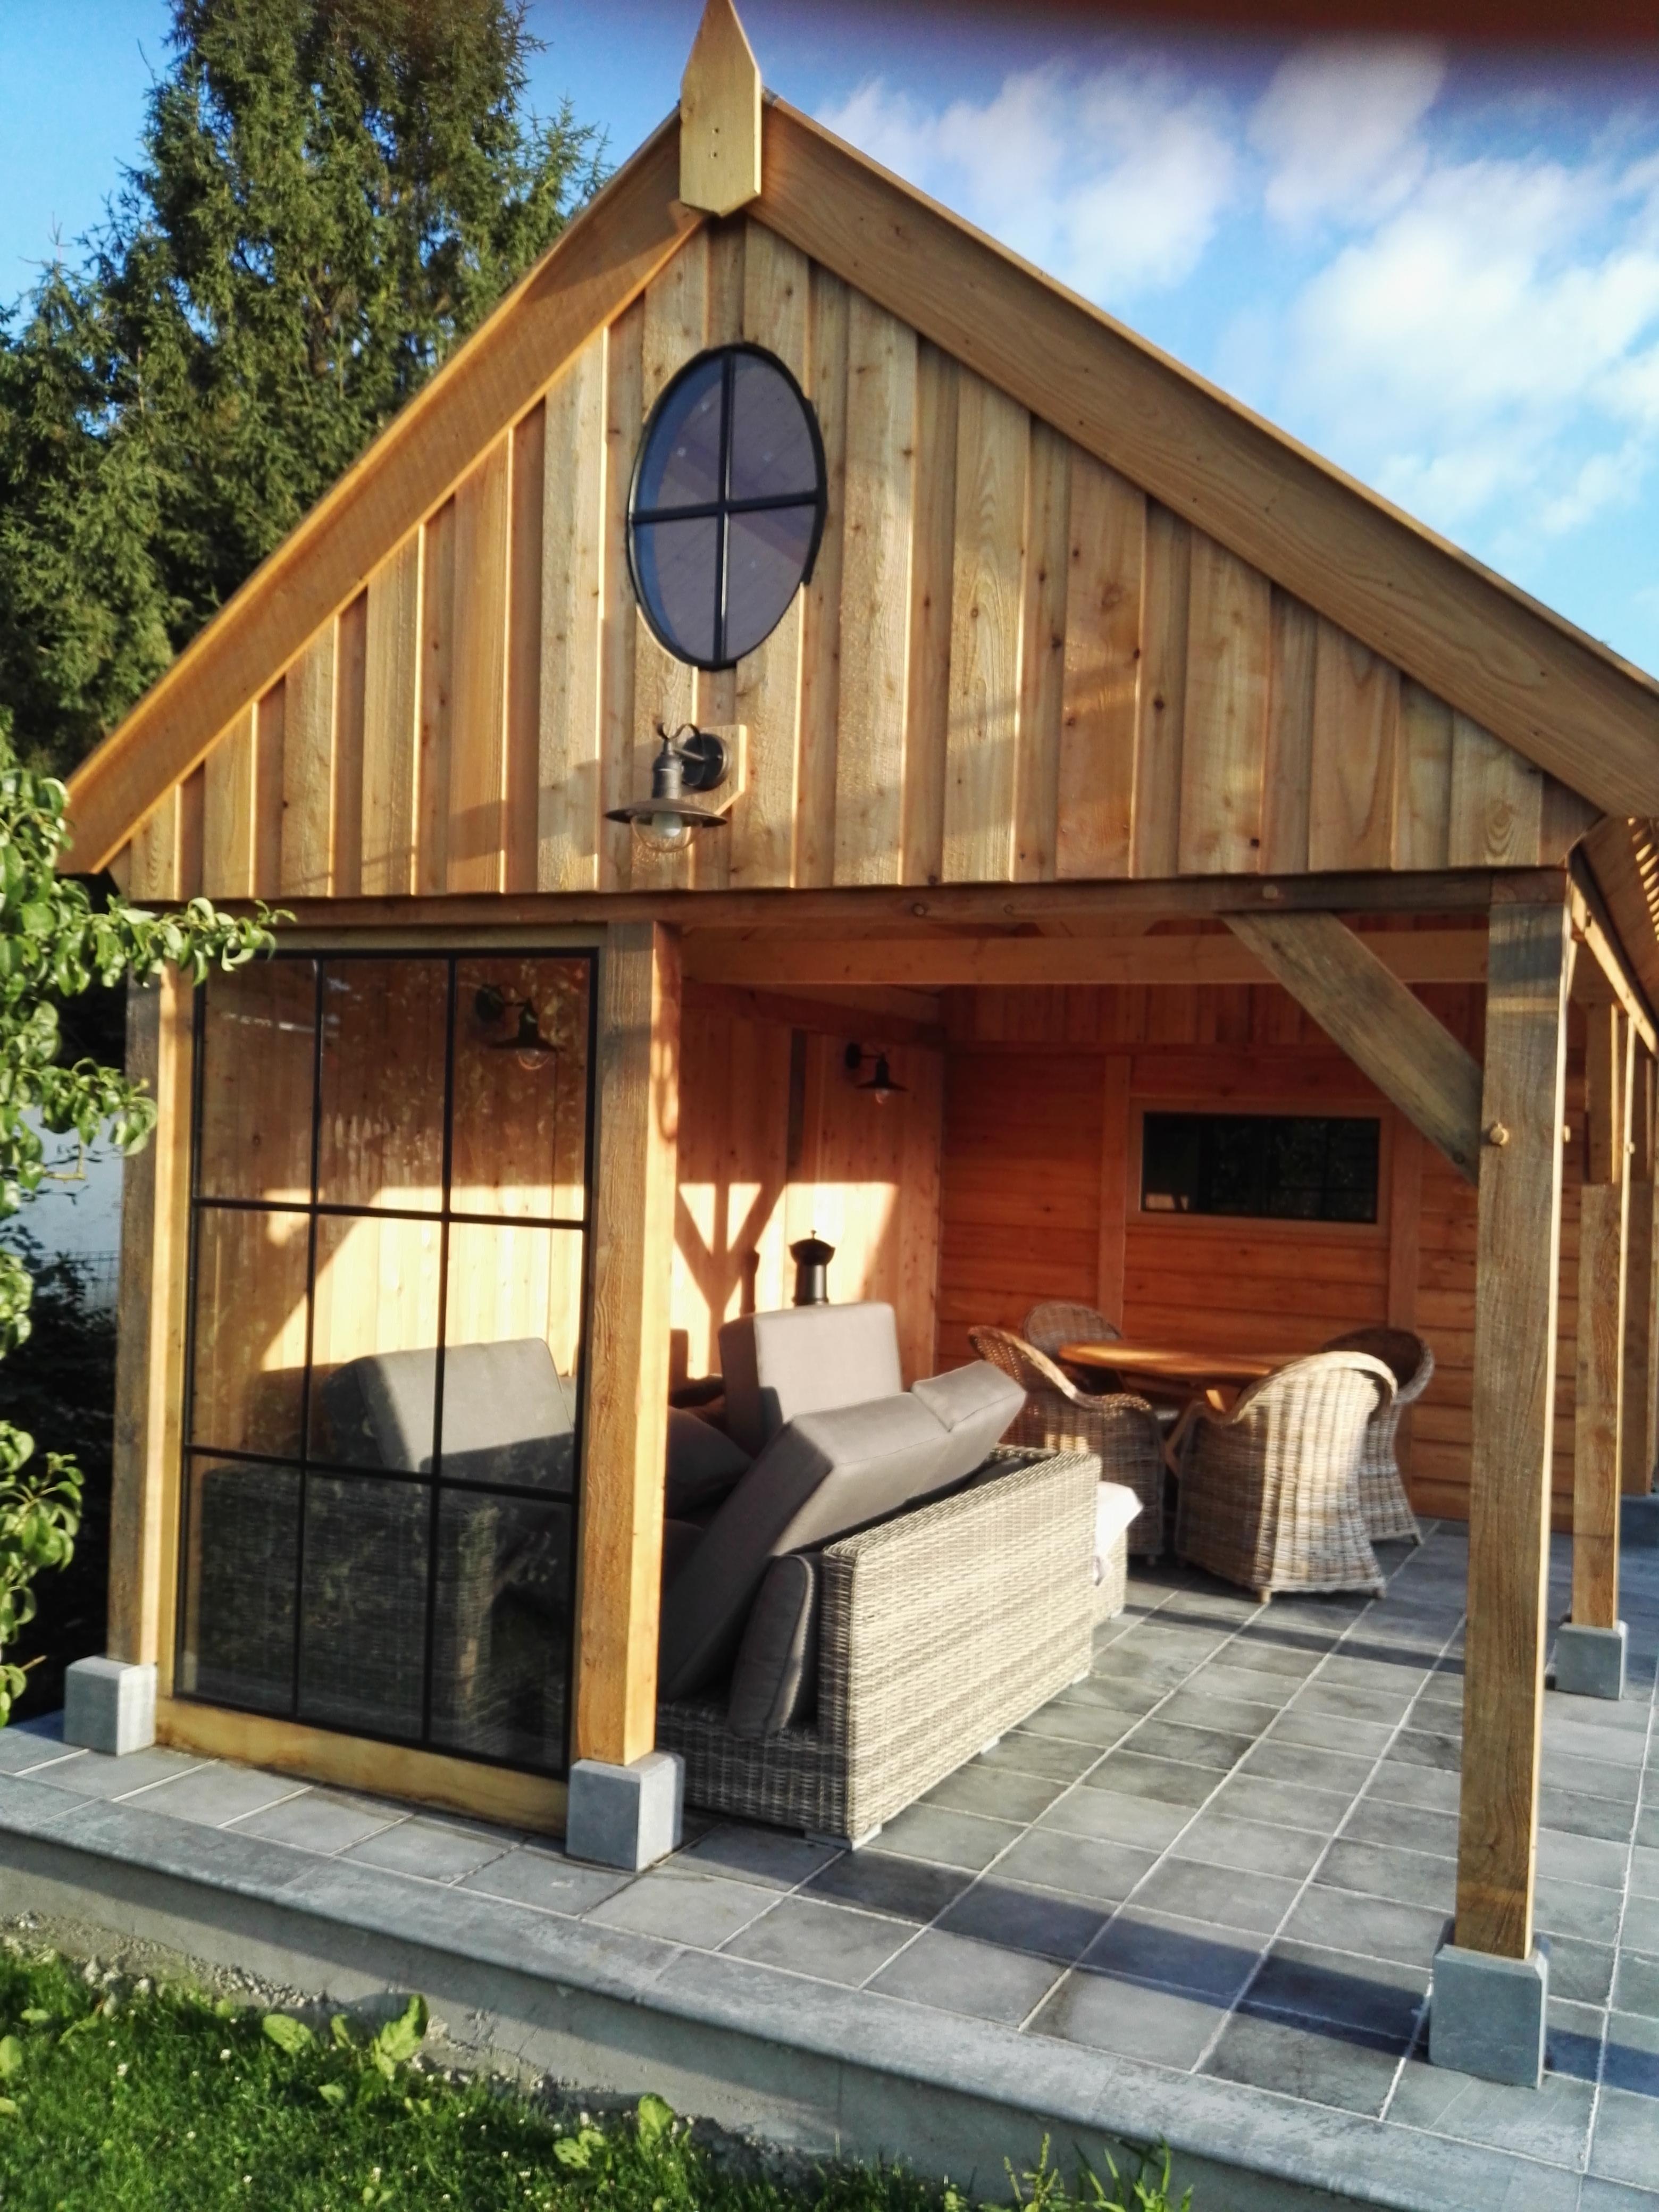 tuinkamer_2 - Luxe houten bijgebouw met riante tuinkamer.